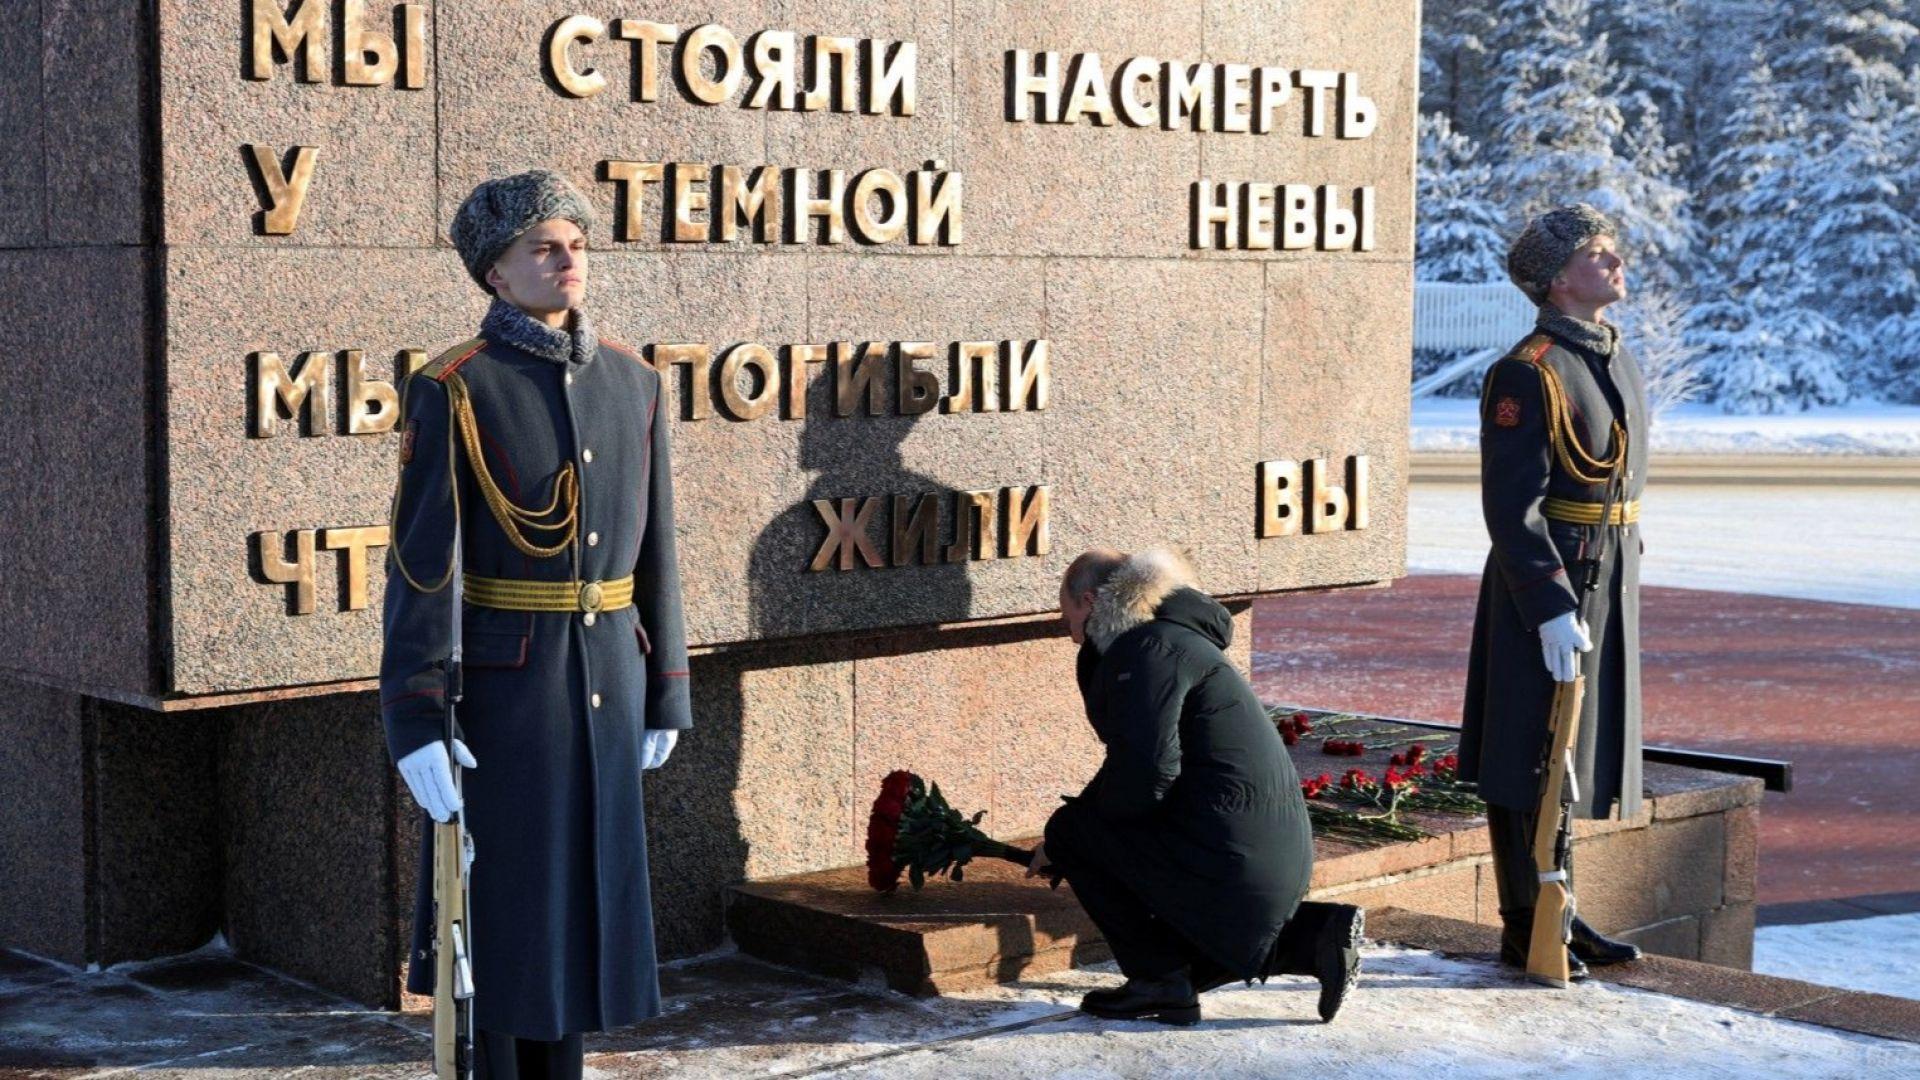 Германия дари €12 млн. на Русия по повод 75 години от края на блокадата на Ленинград